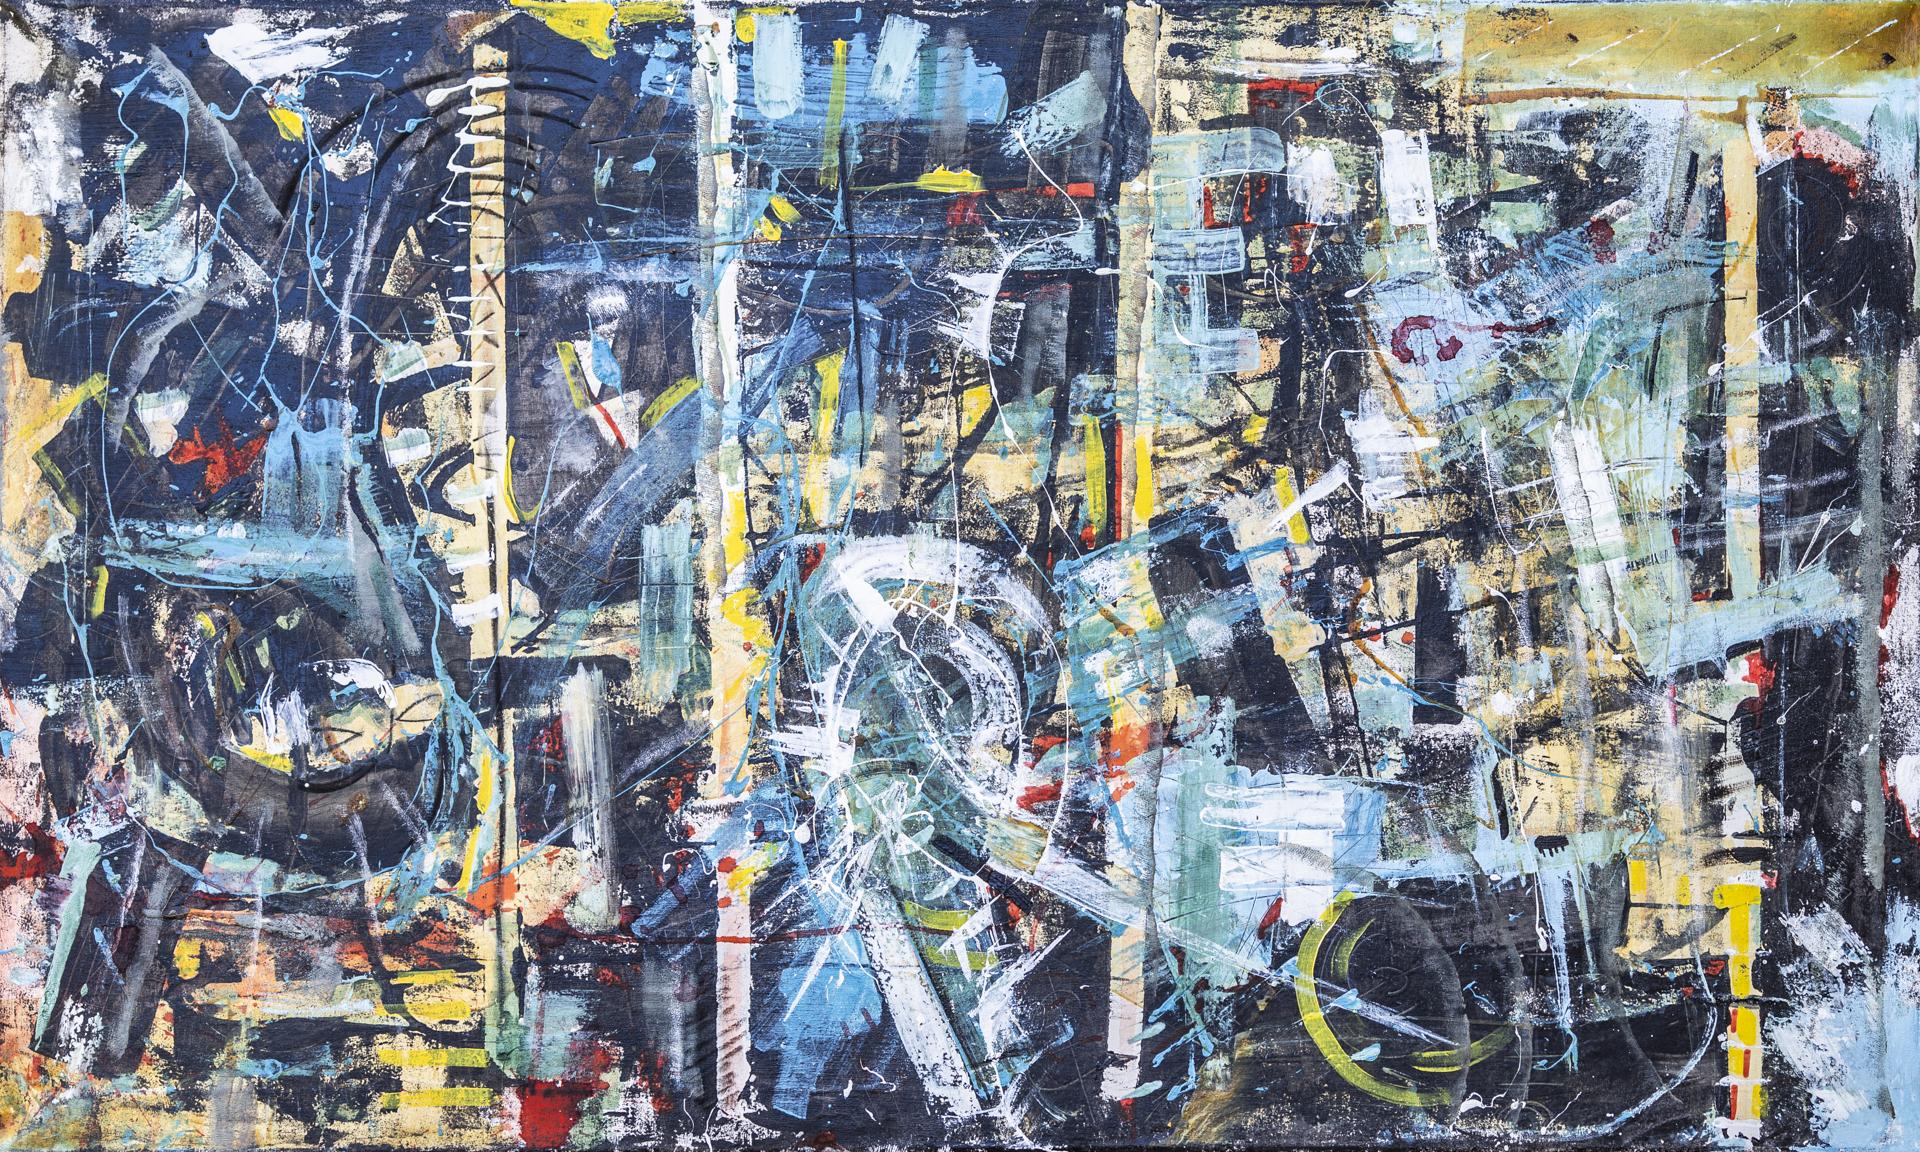 pinturas-obras-de-arte-maximiliano-borgia-007